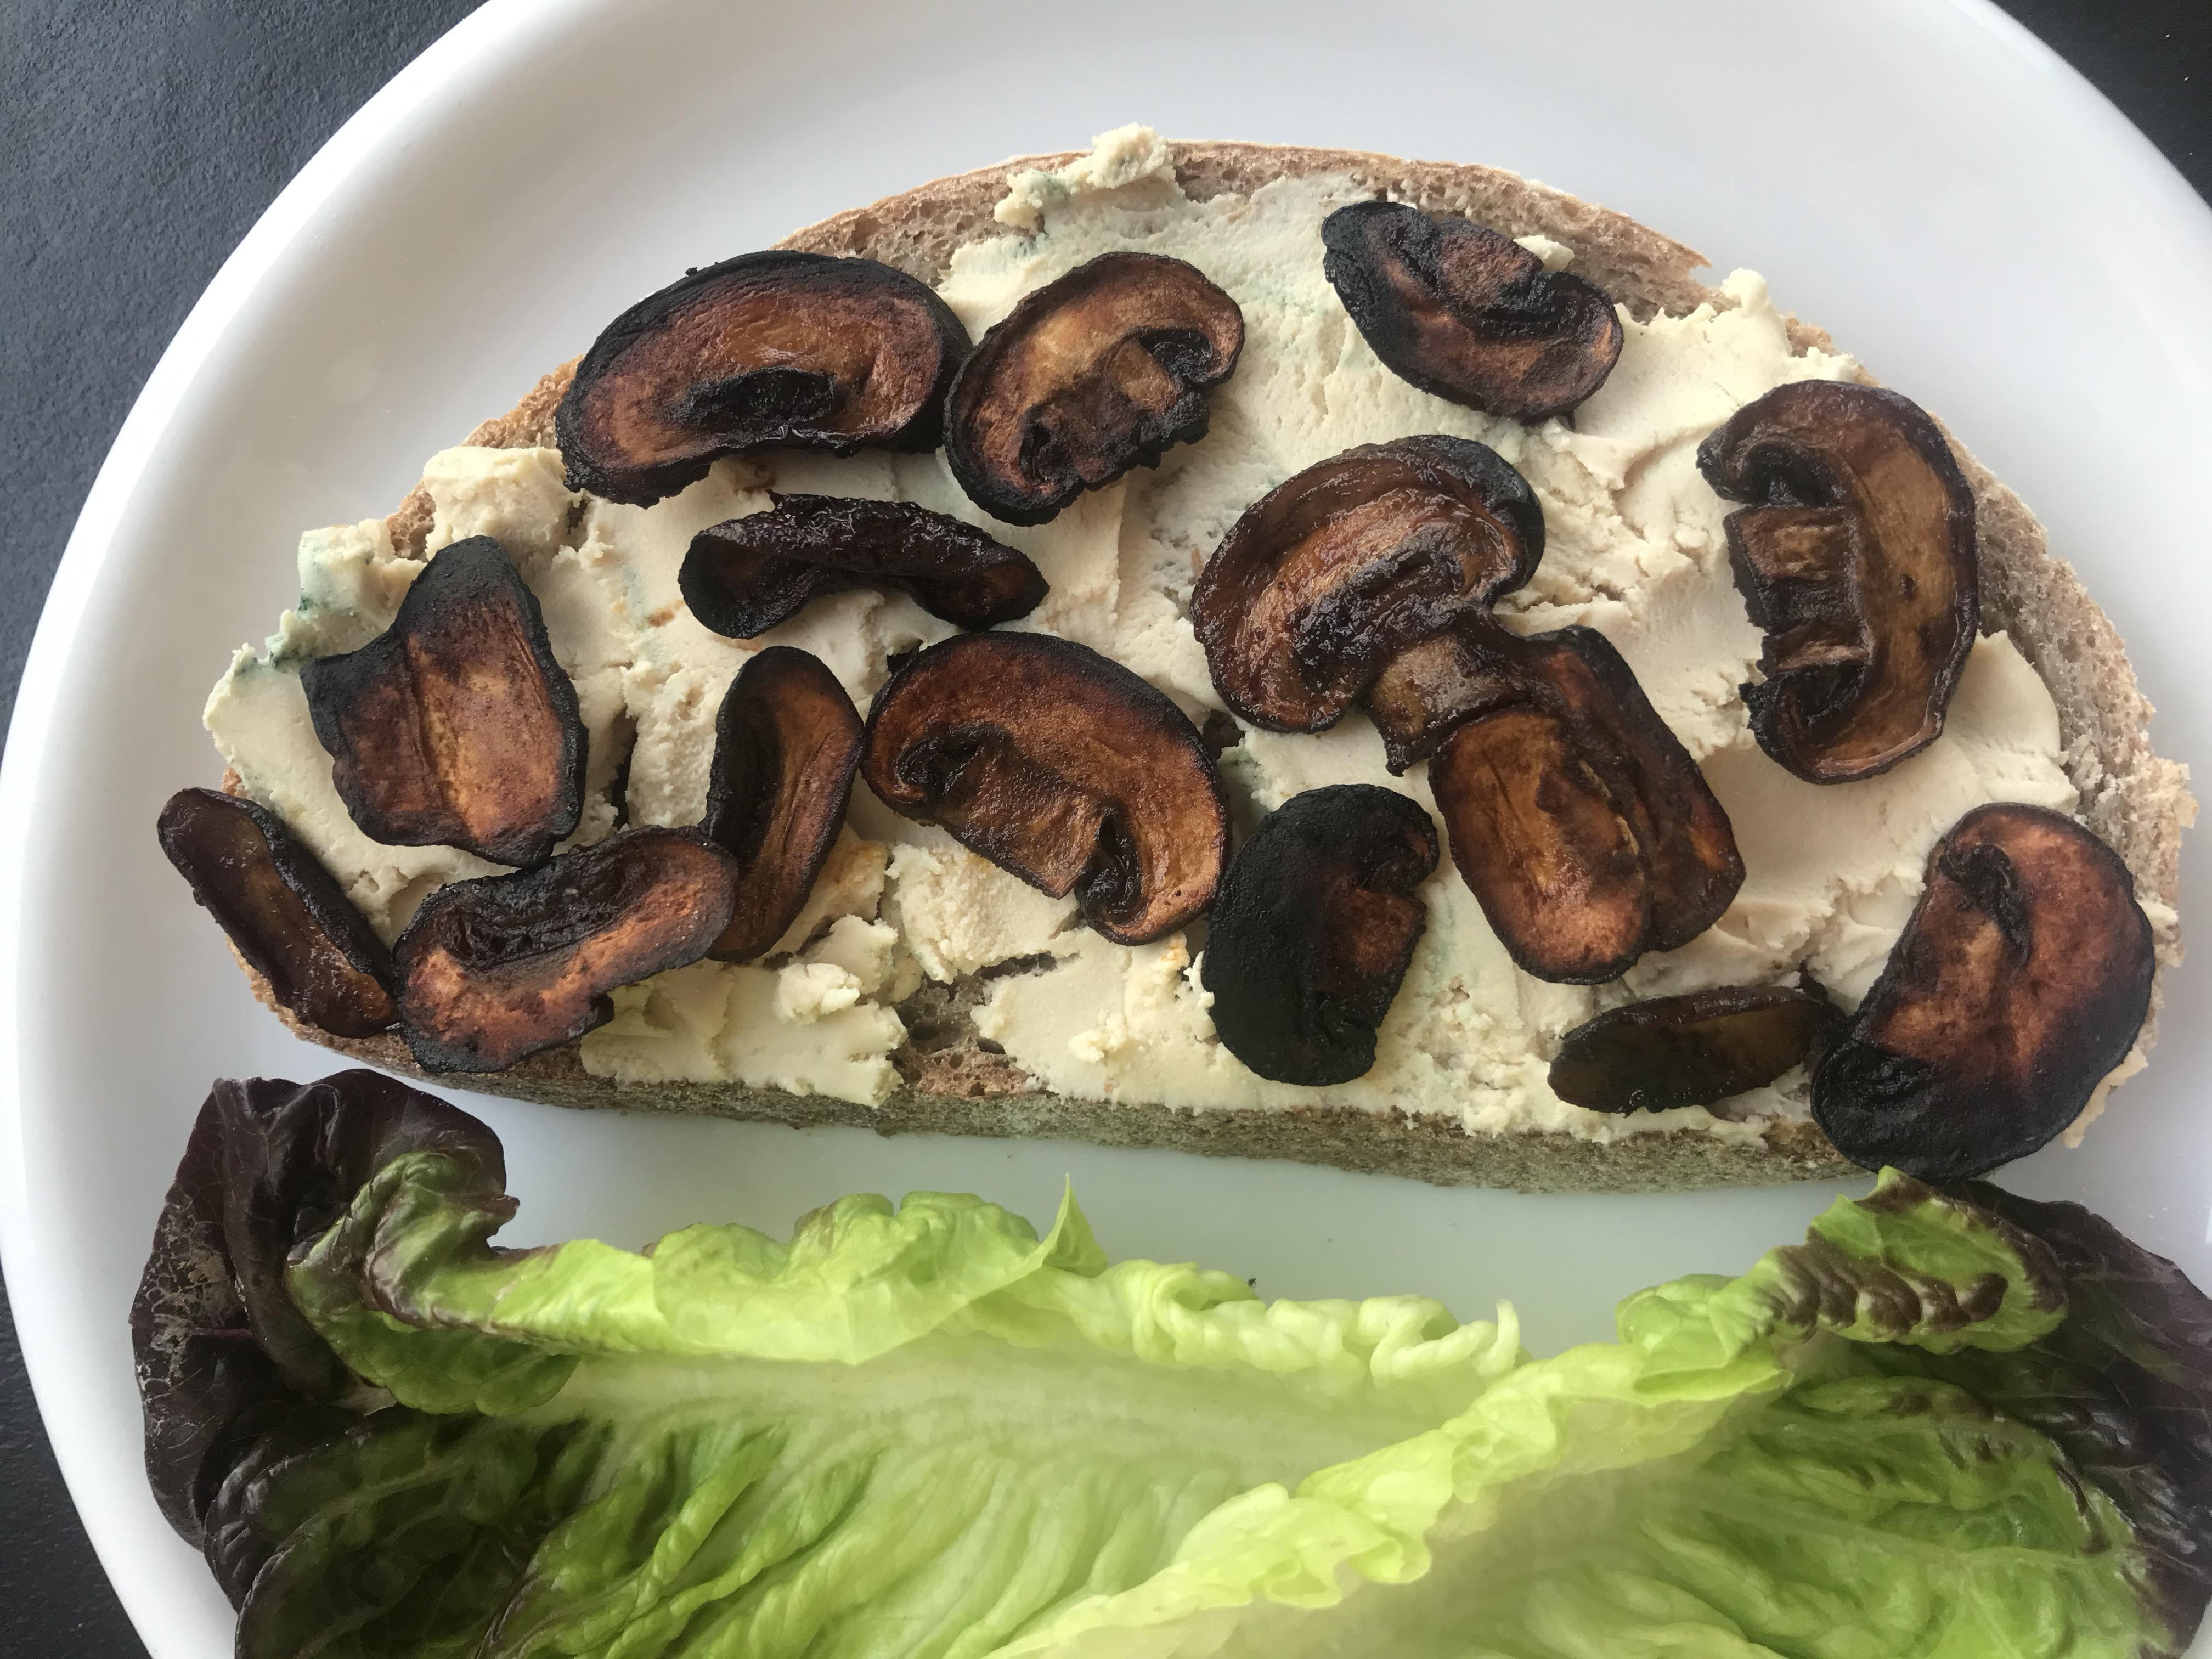 ook lekker met droog gebakken champignon 'spekjes'